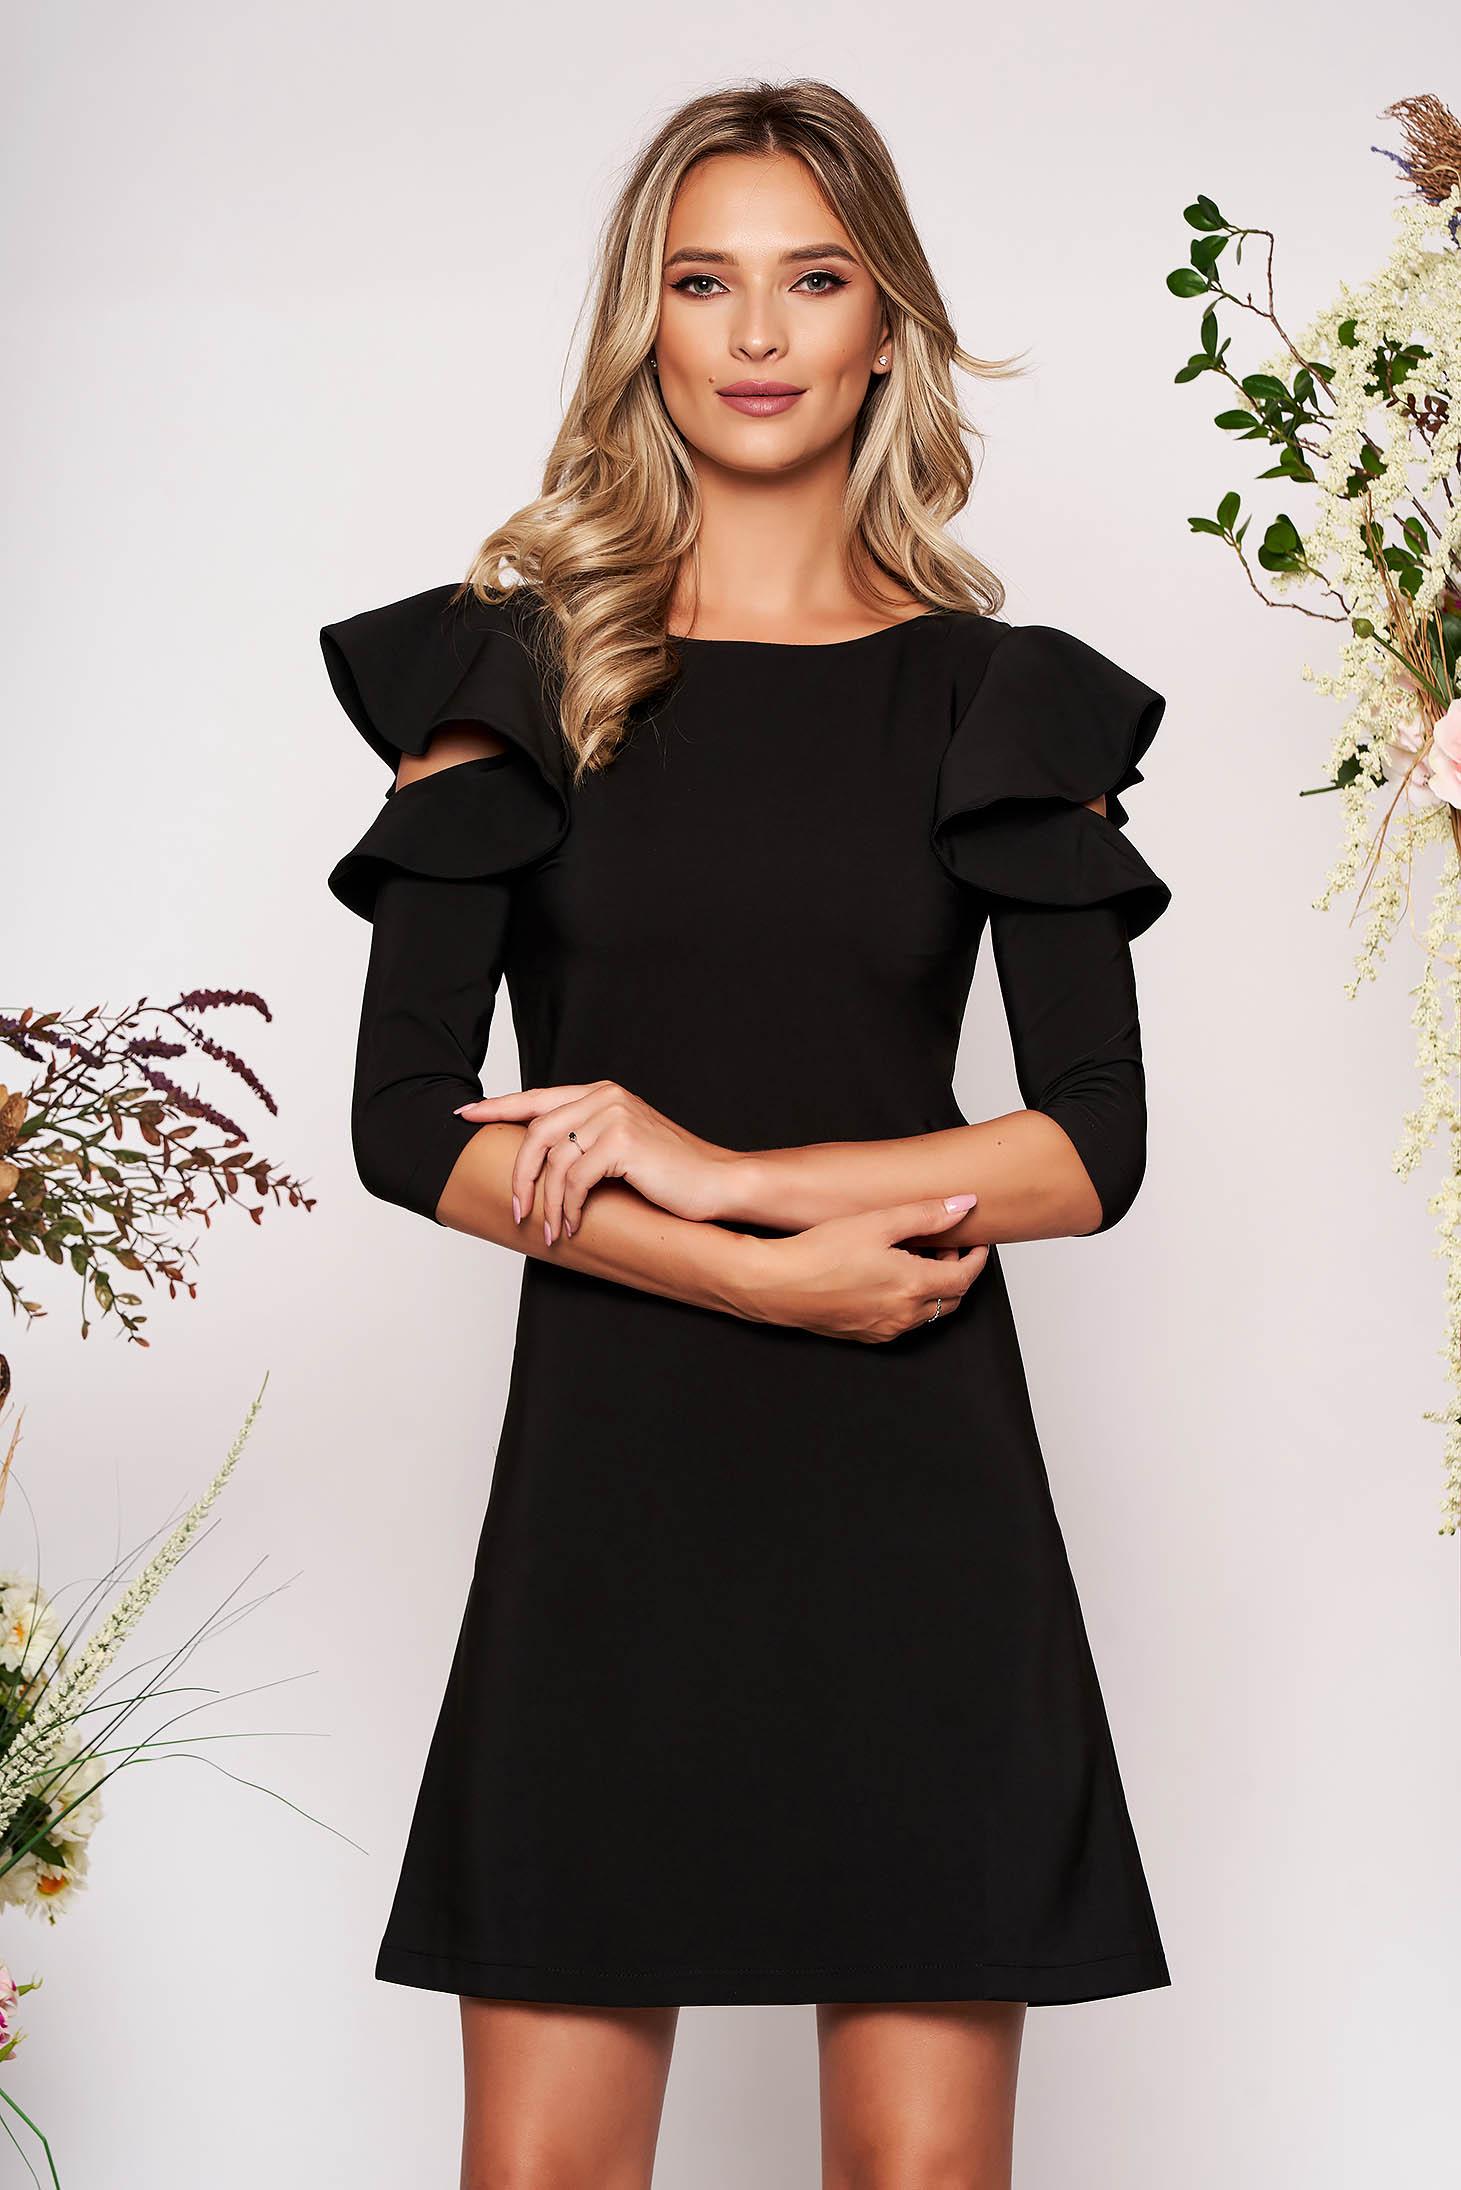 Rochie LaDonna neagra eleganta de zi din stofa usor elastica cu croi in a si volanase la maneca